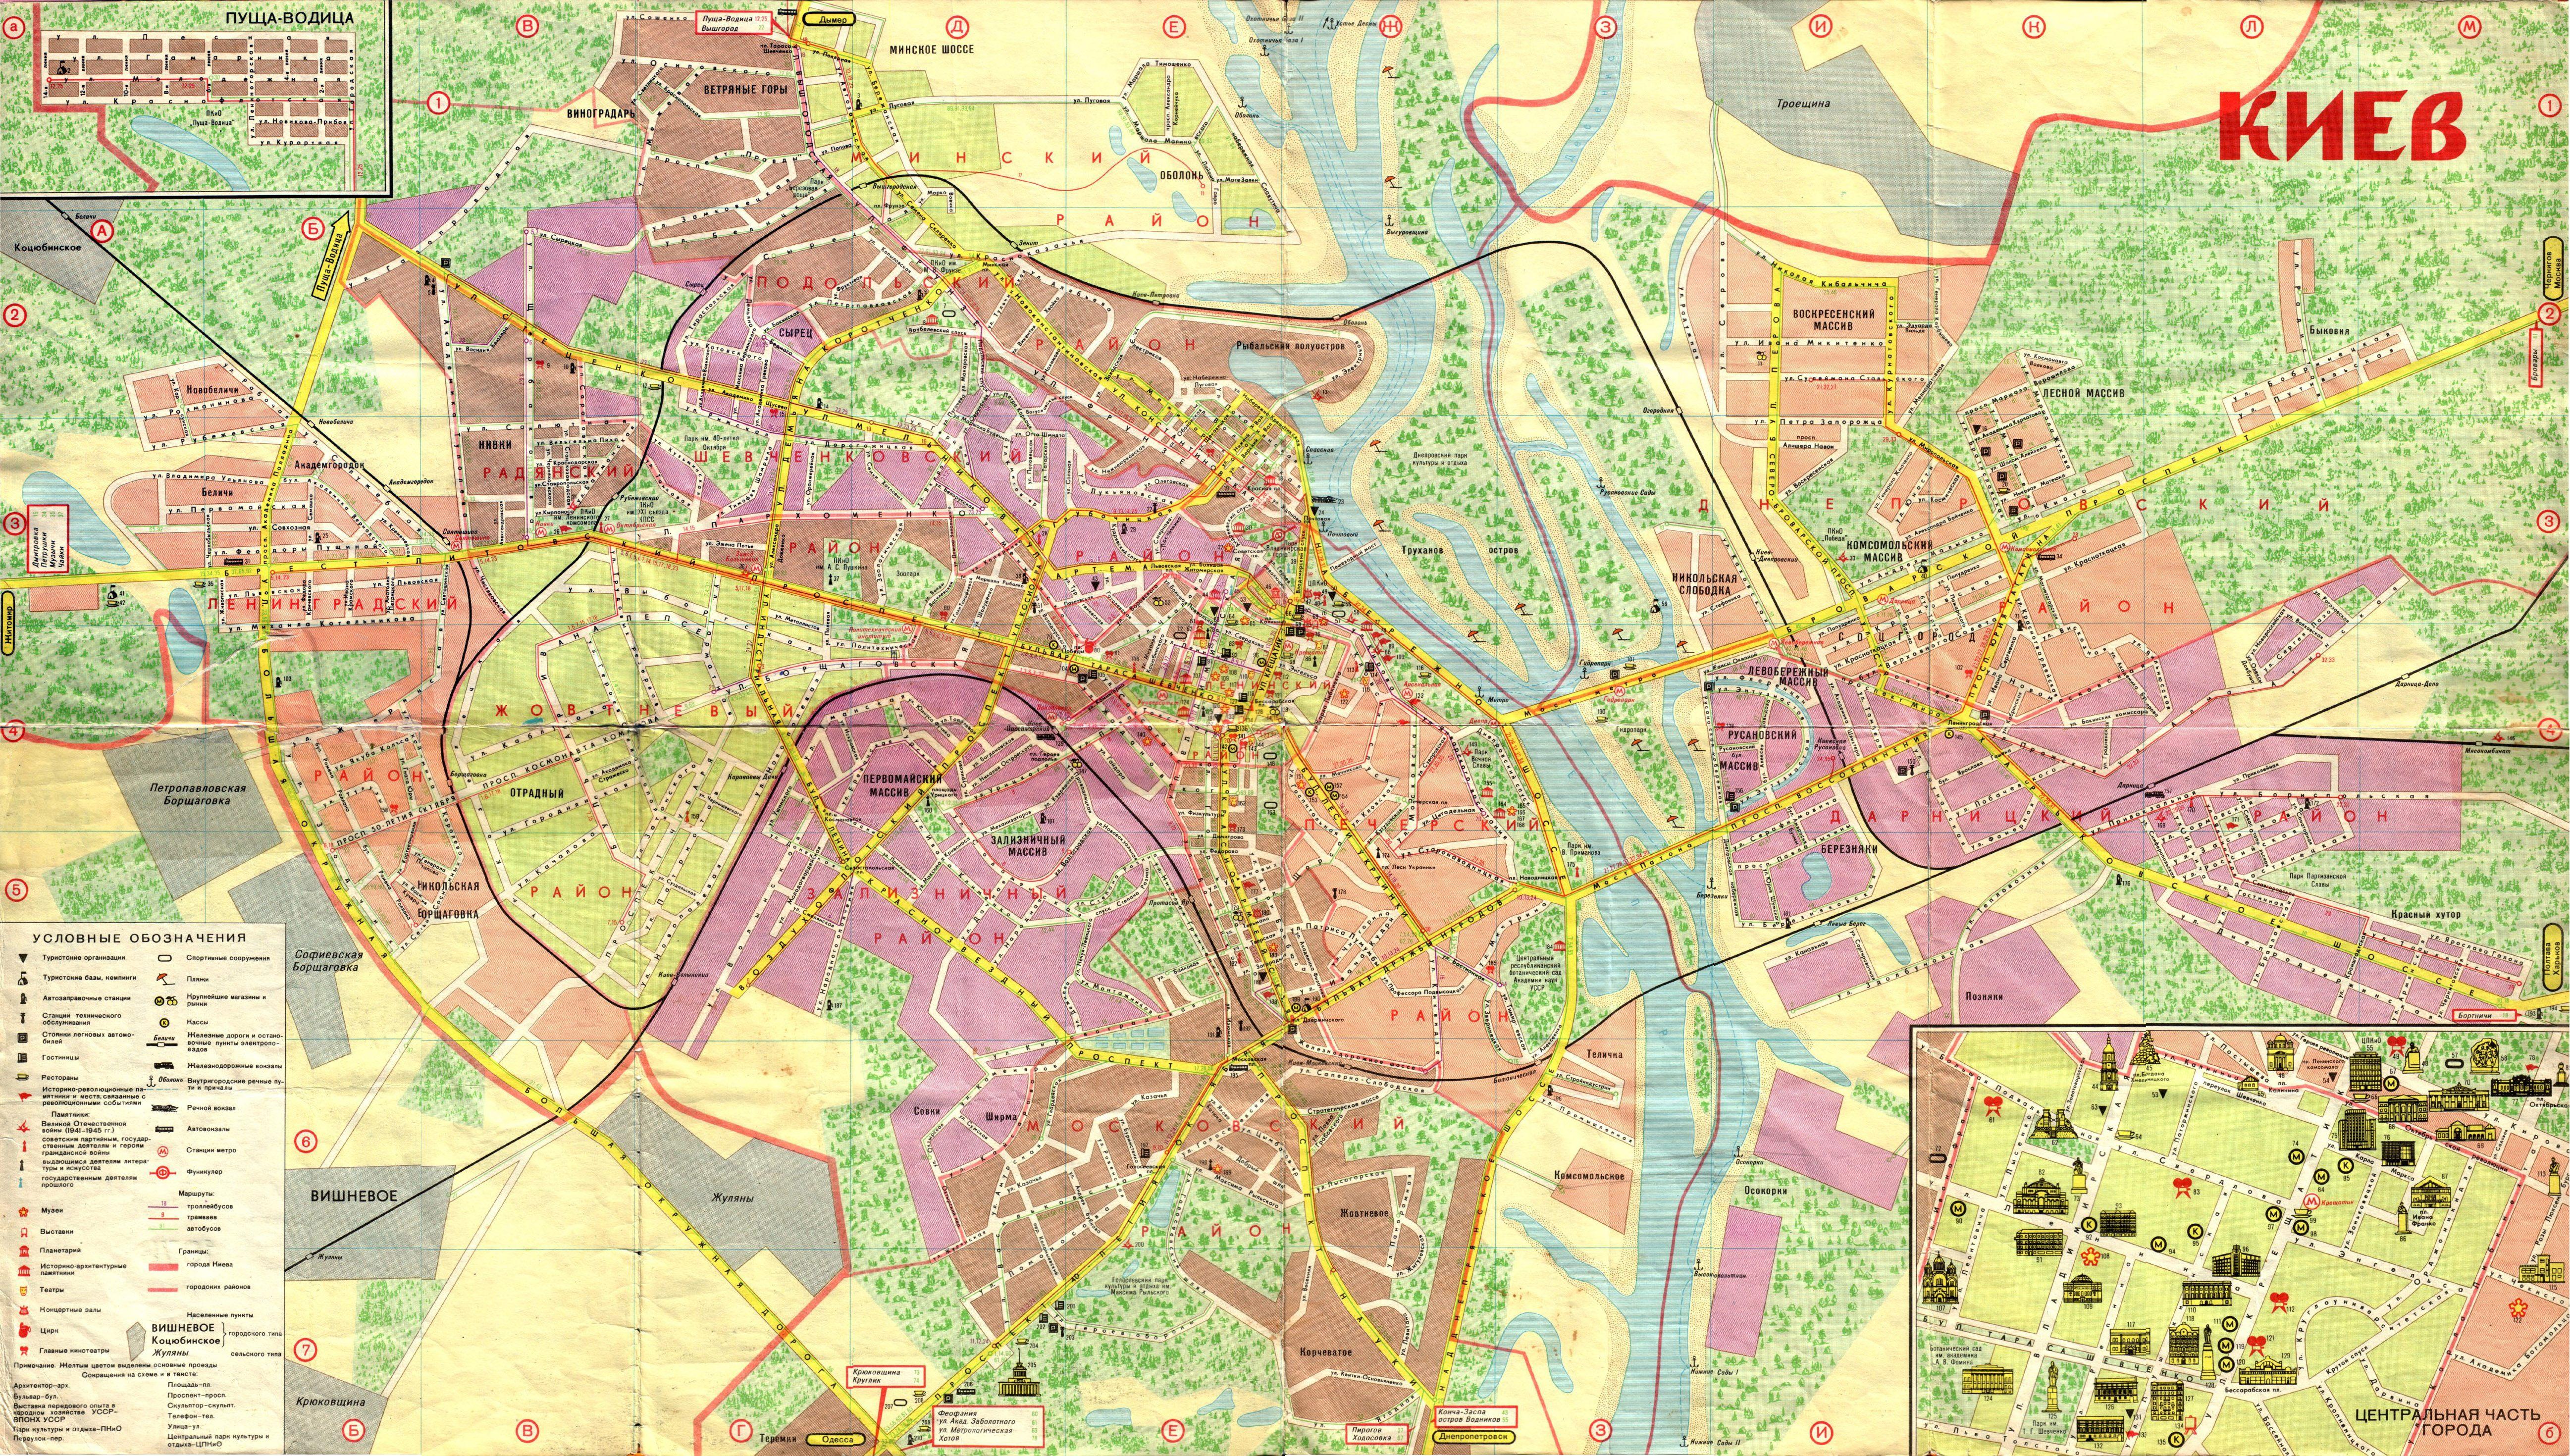 Киев.  Туристская схема, 4000х2977, цветная, состояние отличное.